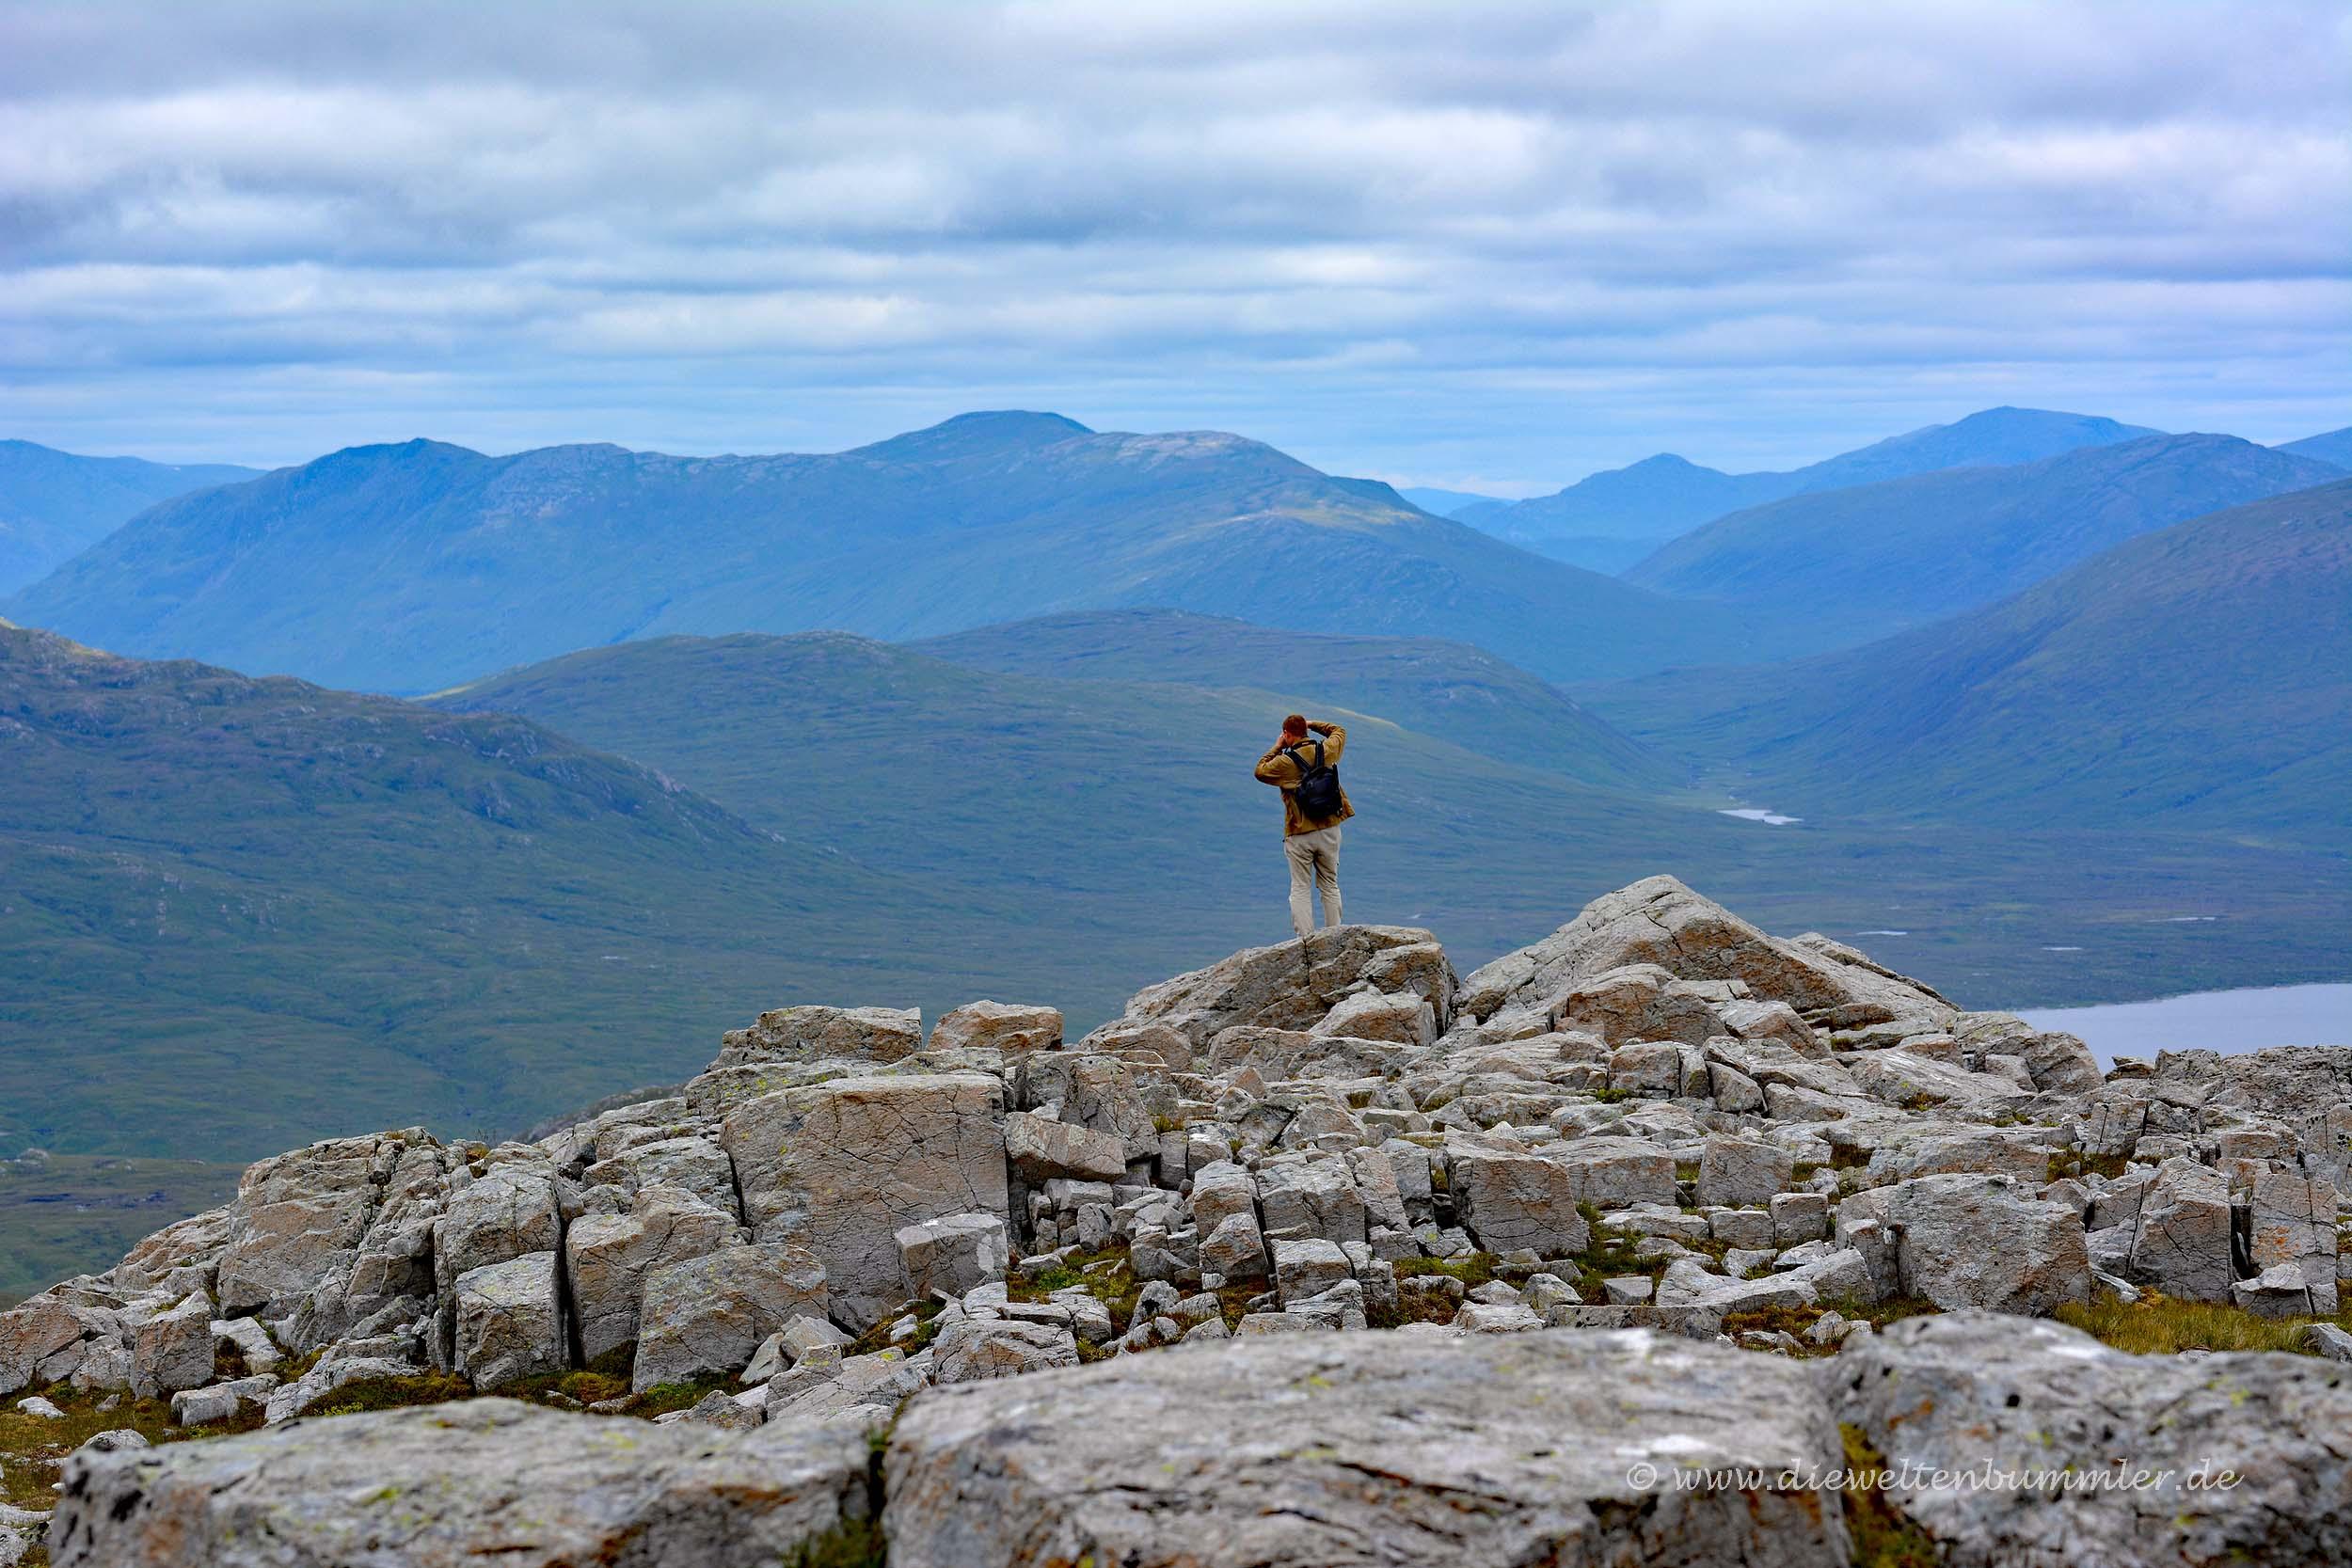 Gipfel des Munros